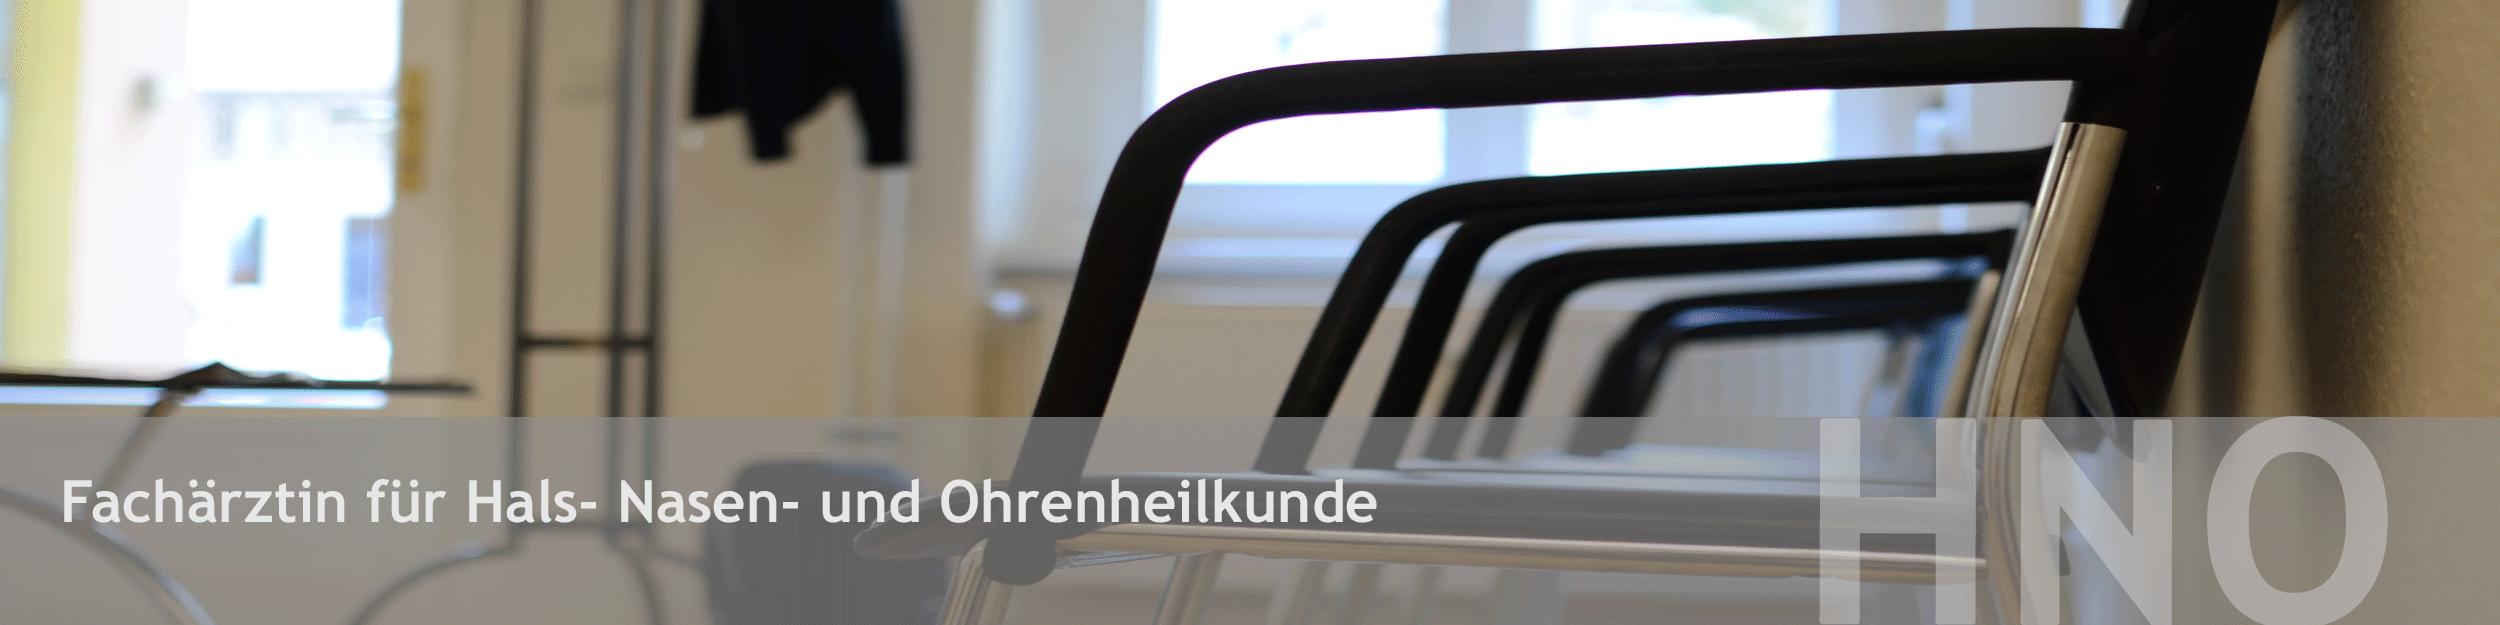 HNO Praxis Dr. med. Bärbel Bremer